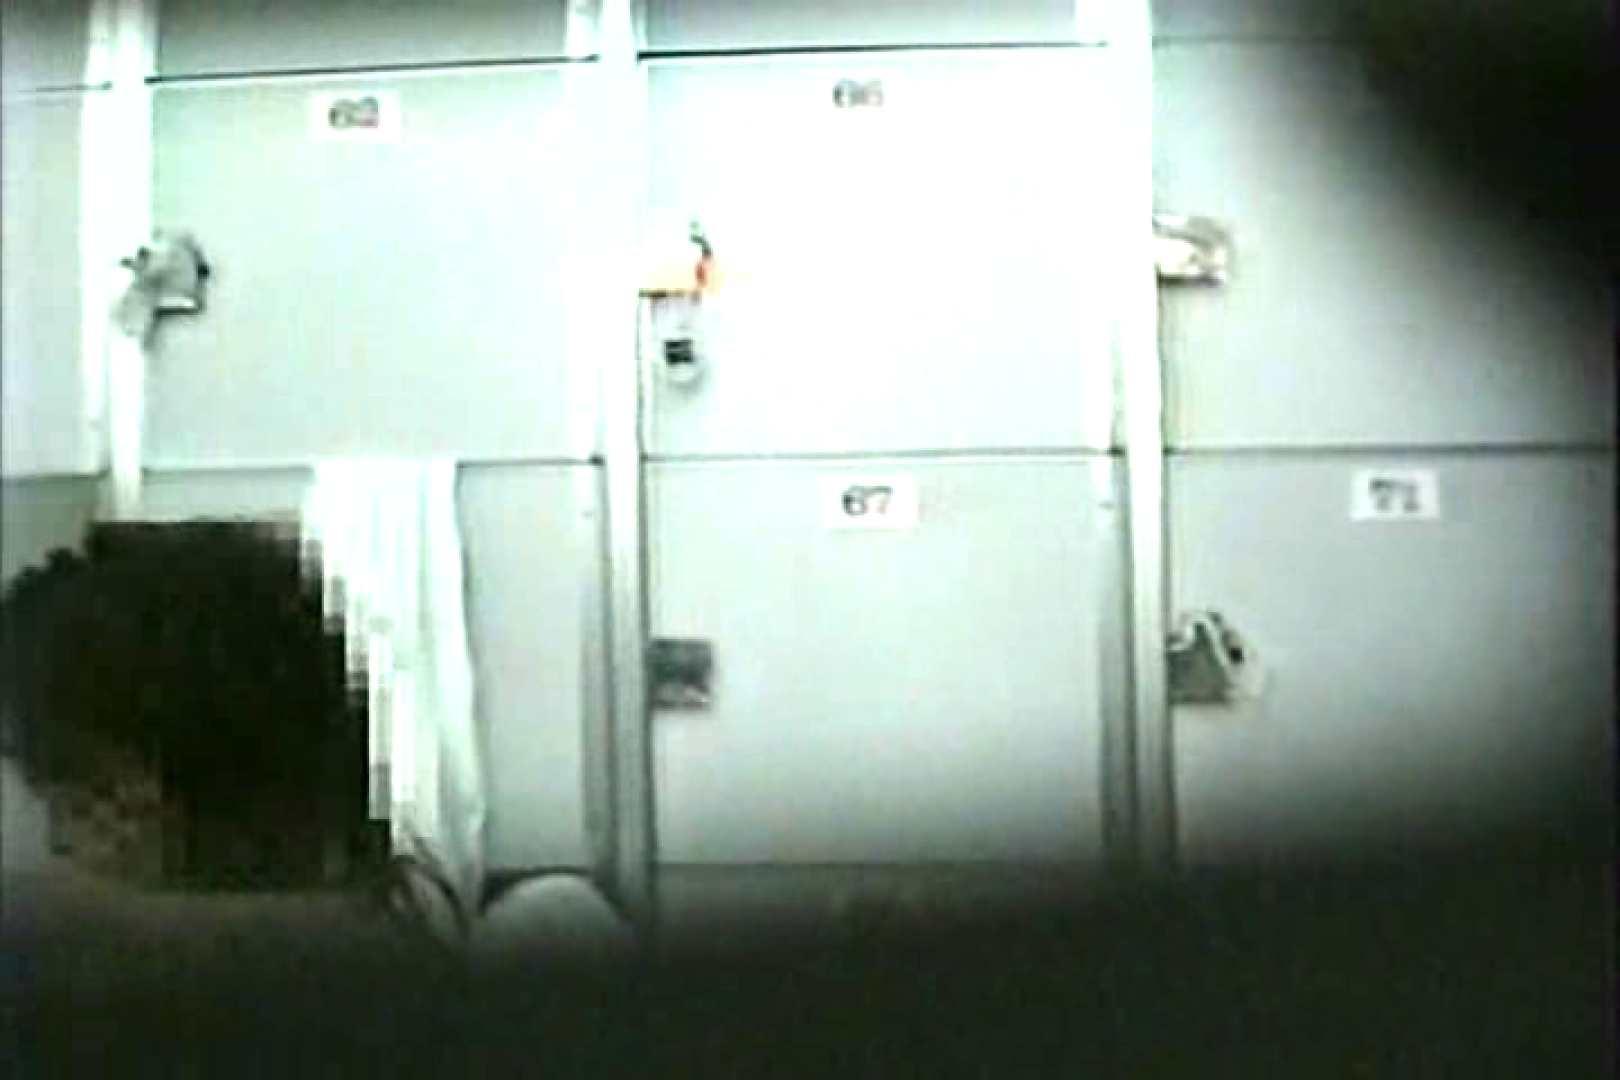 女性だからここまで撮れた 脱衣所盗撮 TK-96 脱衣所 盗み撮りAV無料動画キャプチャ 103画像 75